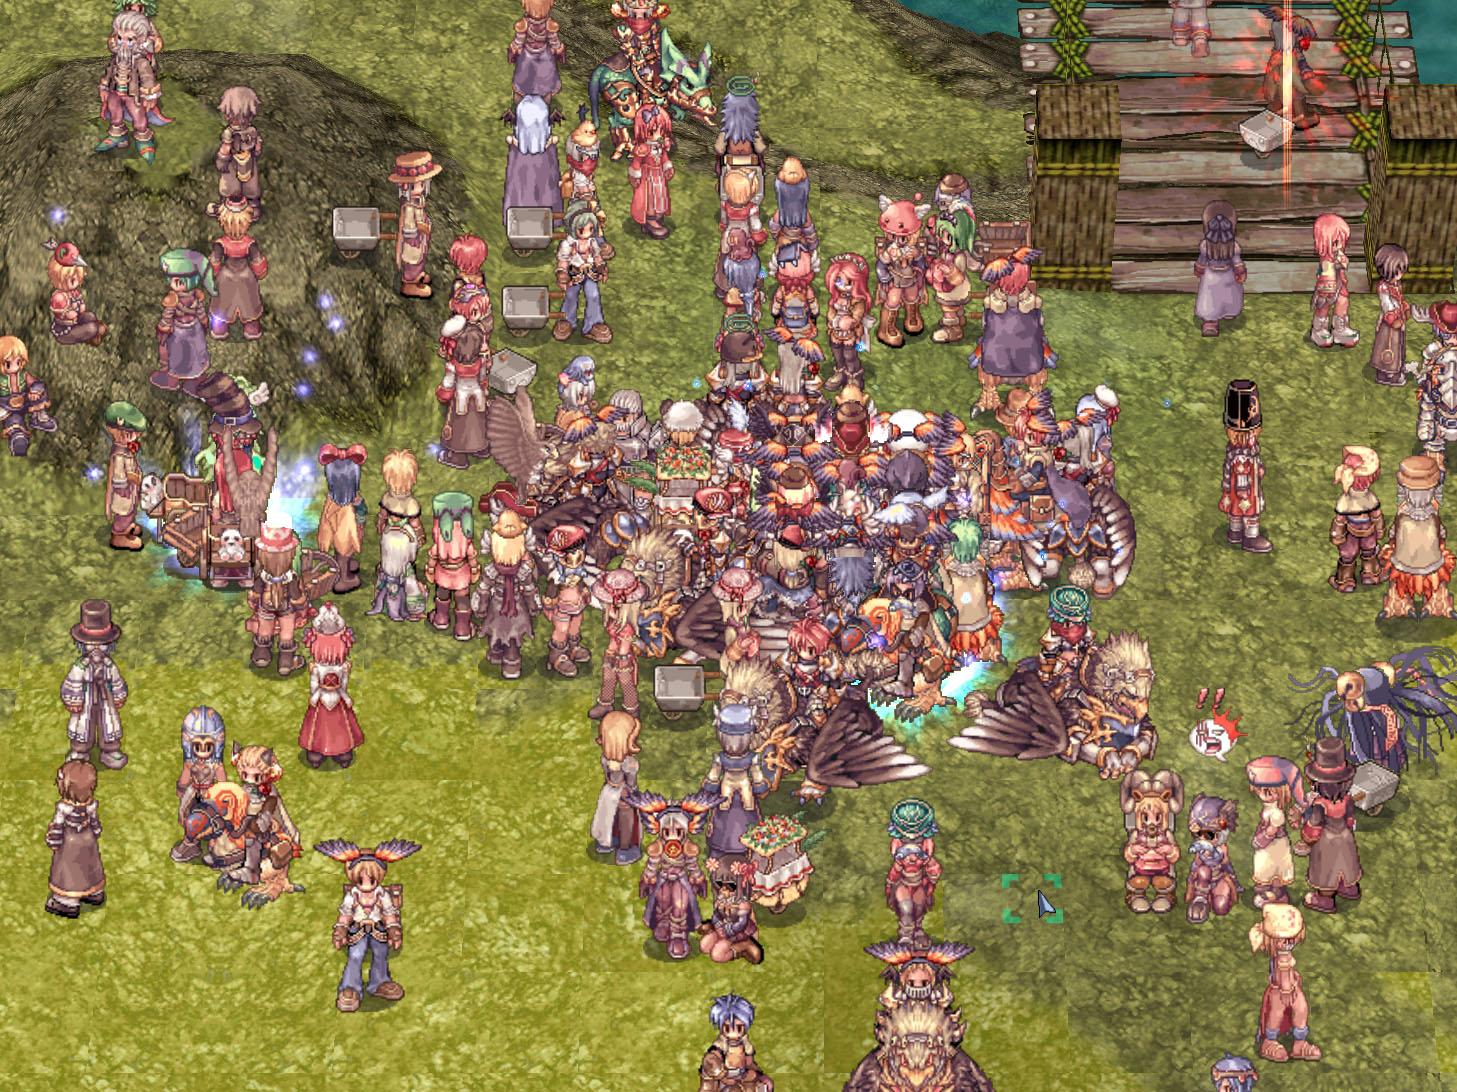 イベントでは、たくさんのキャラクターが集まり、エモーションでアピールする。戦闘では、エフェクトが重なる。この情報量の多さは「ラグナロクオンライン」の特徴だ